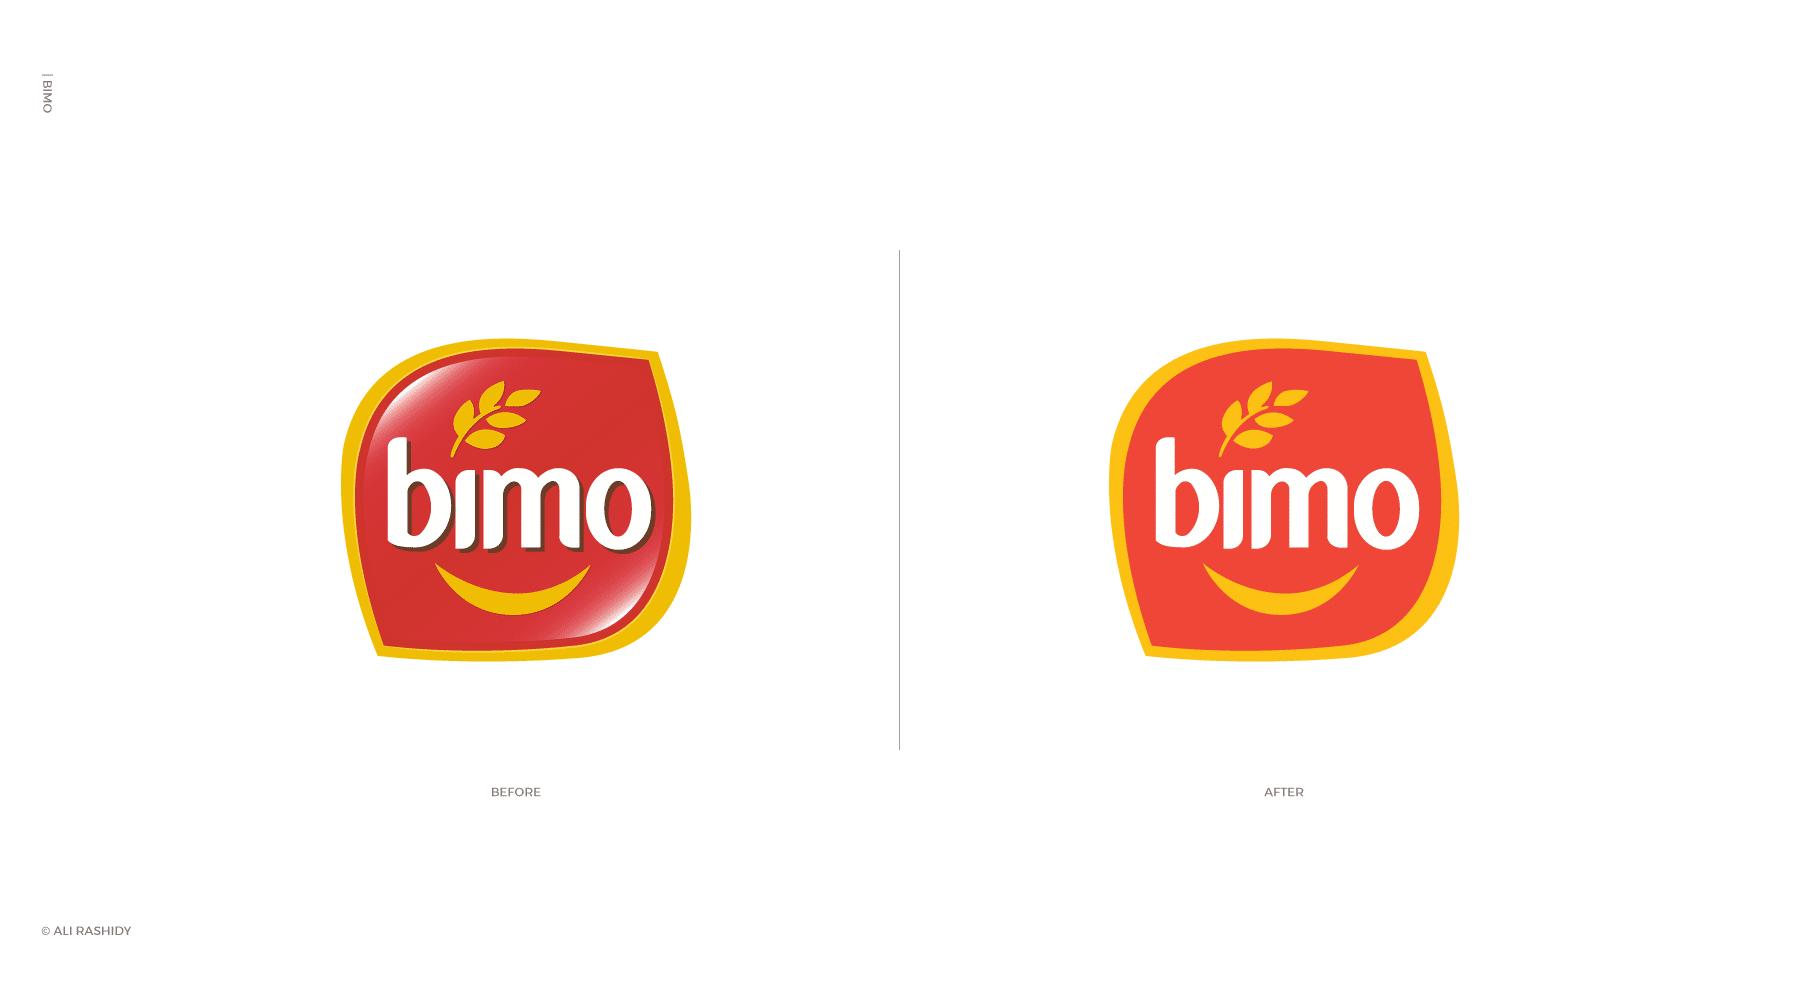 ماذا لو أصبحت شعارات أشهر الشركات العالمية فلات؟ 56